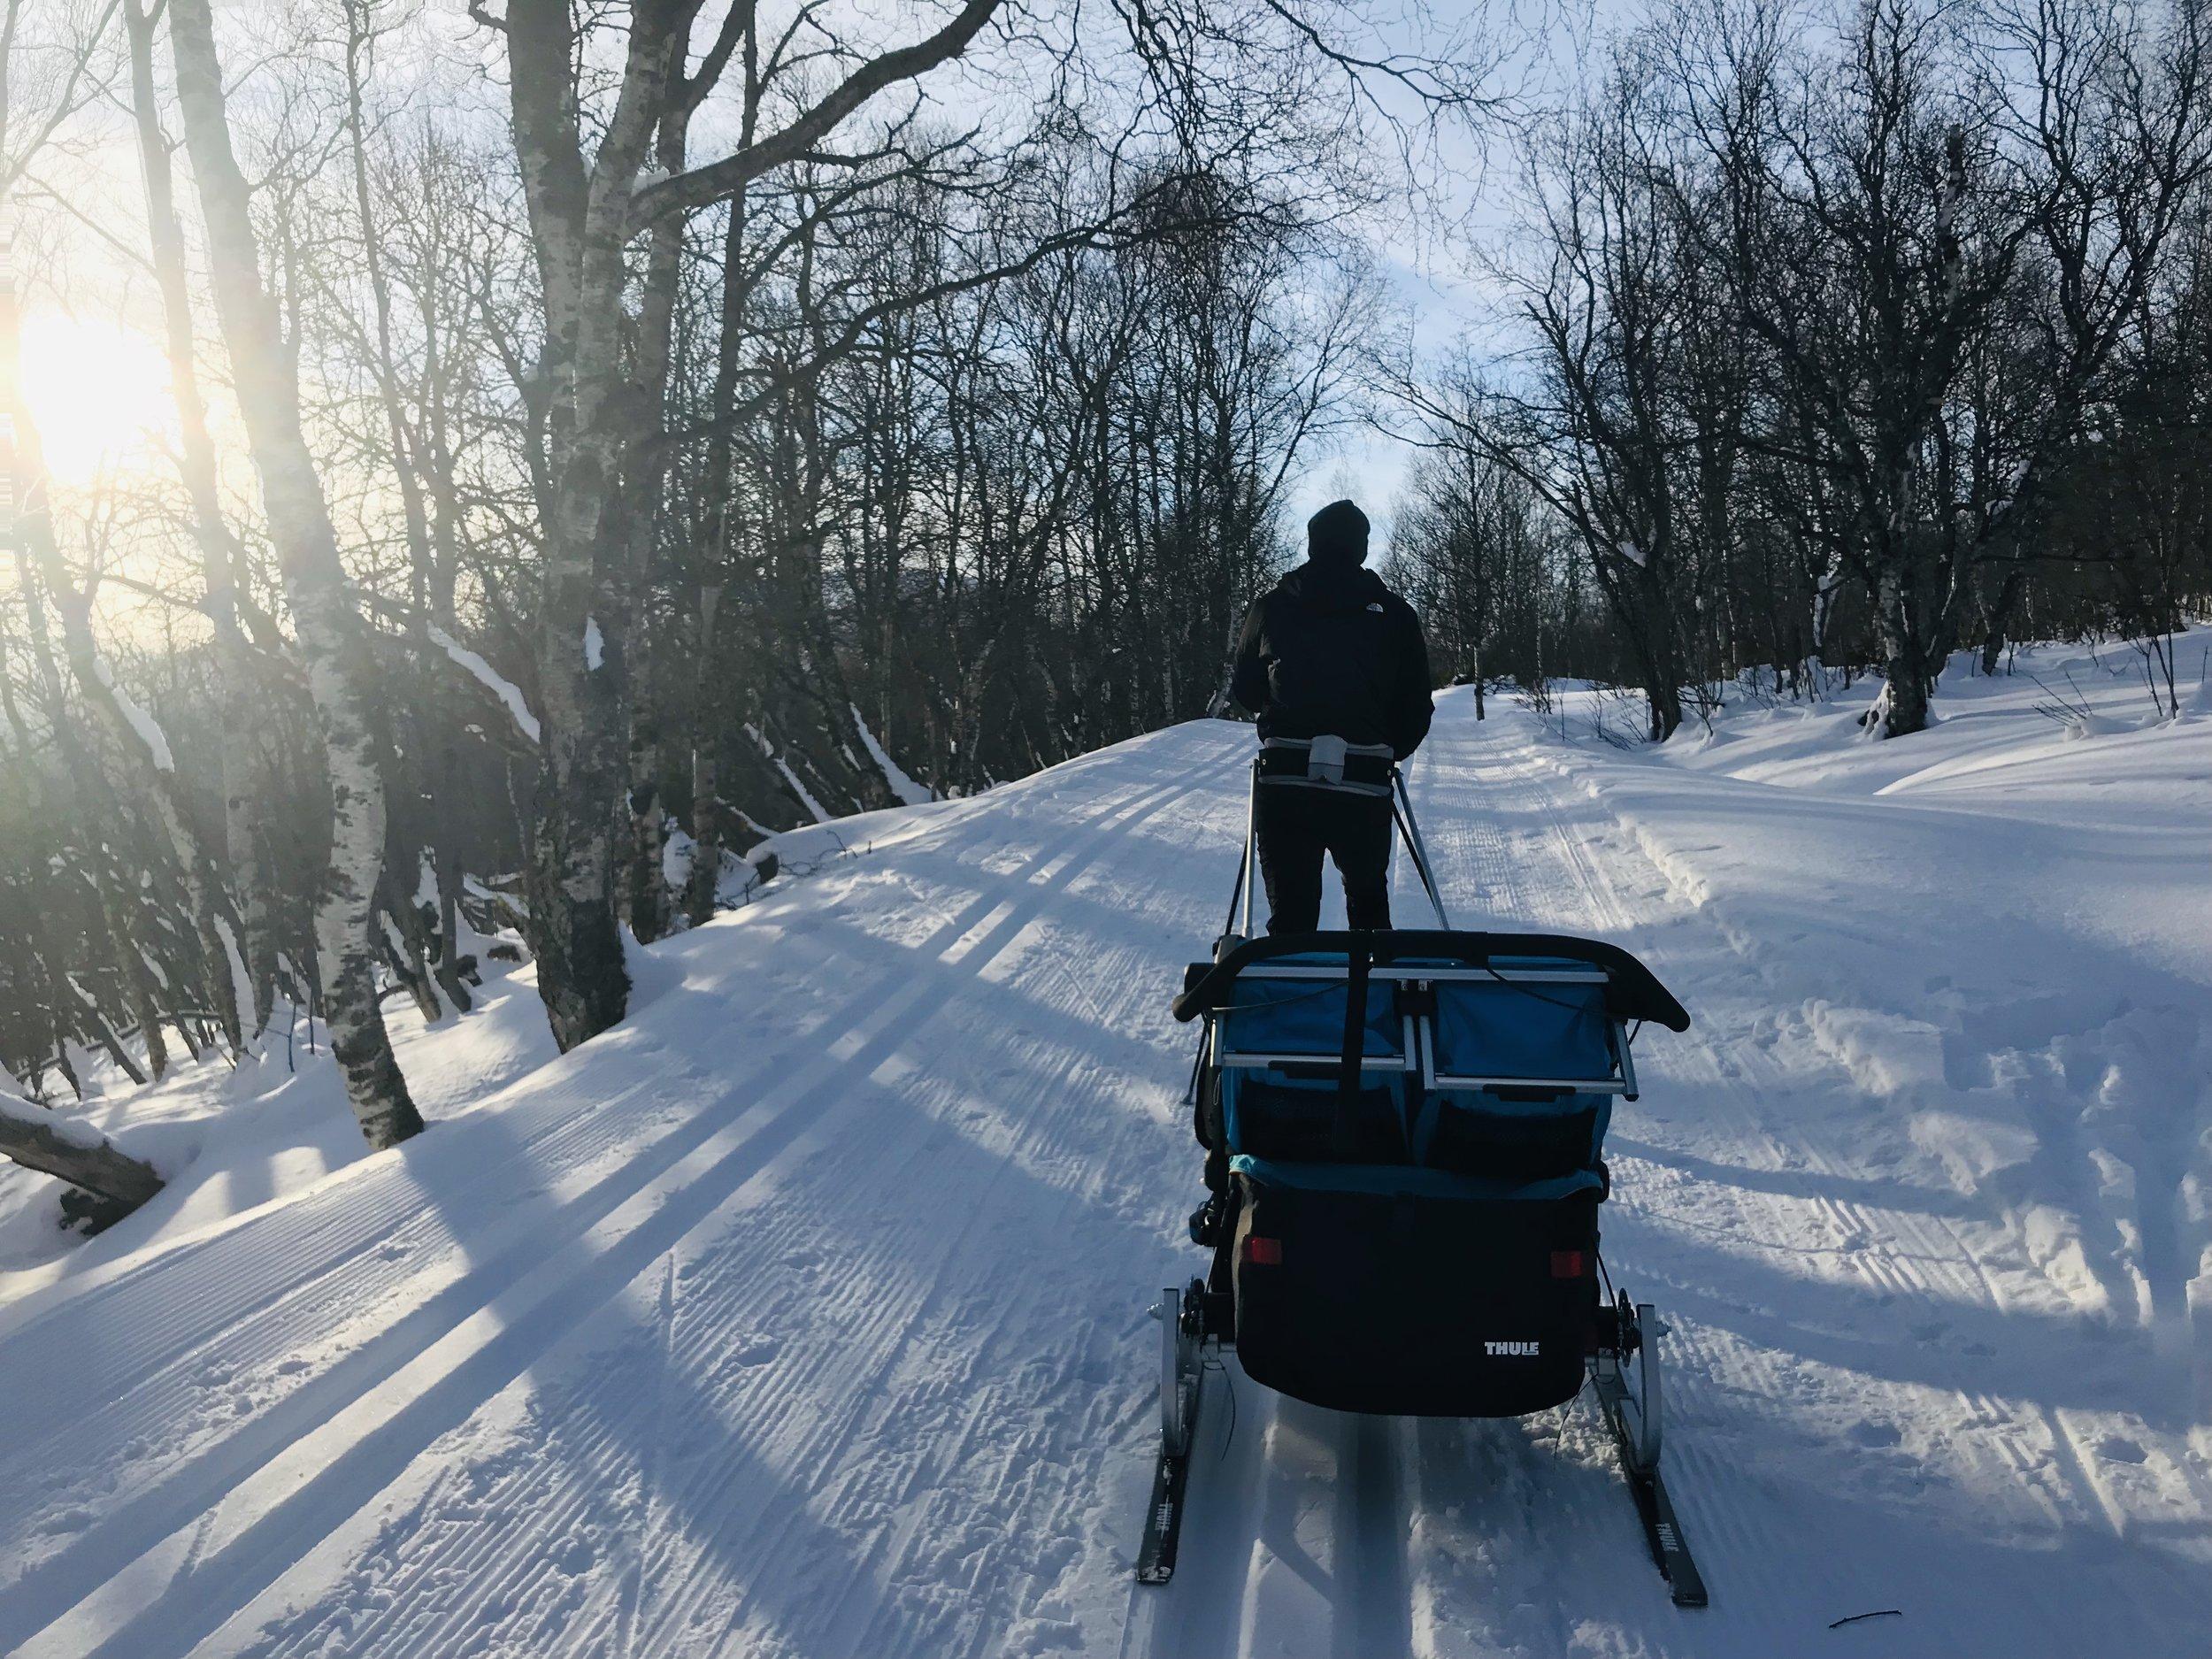 langrenn med thule sportsvogn 2, skikit